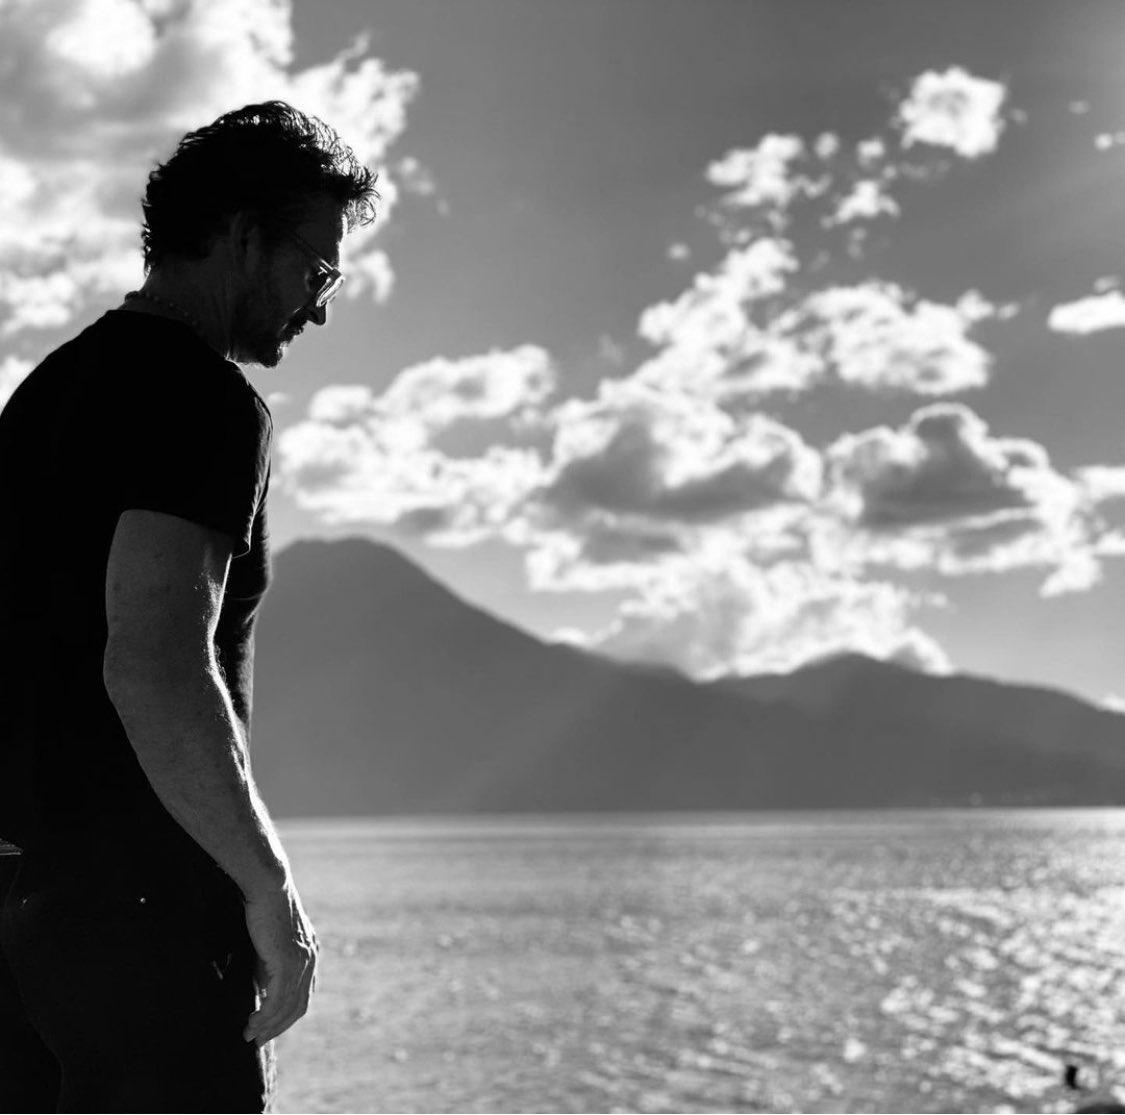 En familia, en mi tierra y en Atitlan, el lago más bello del mundo.  Empezando a vivir, creo que por fin madure lo suficiente. Gracias por sus mensajes, se les quiere.